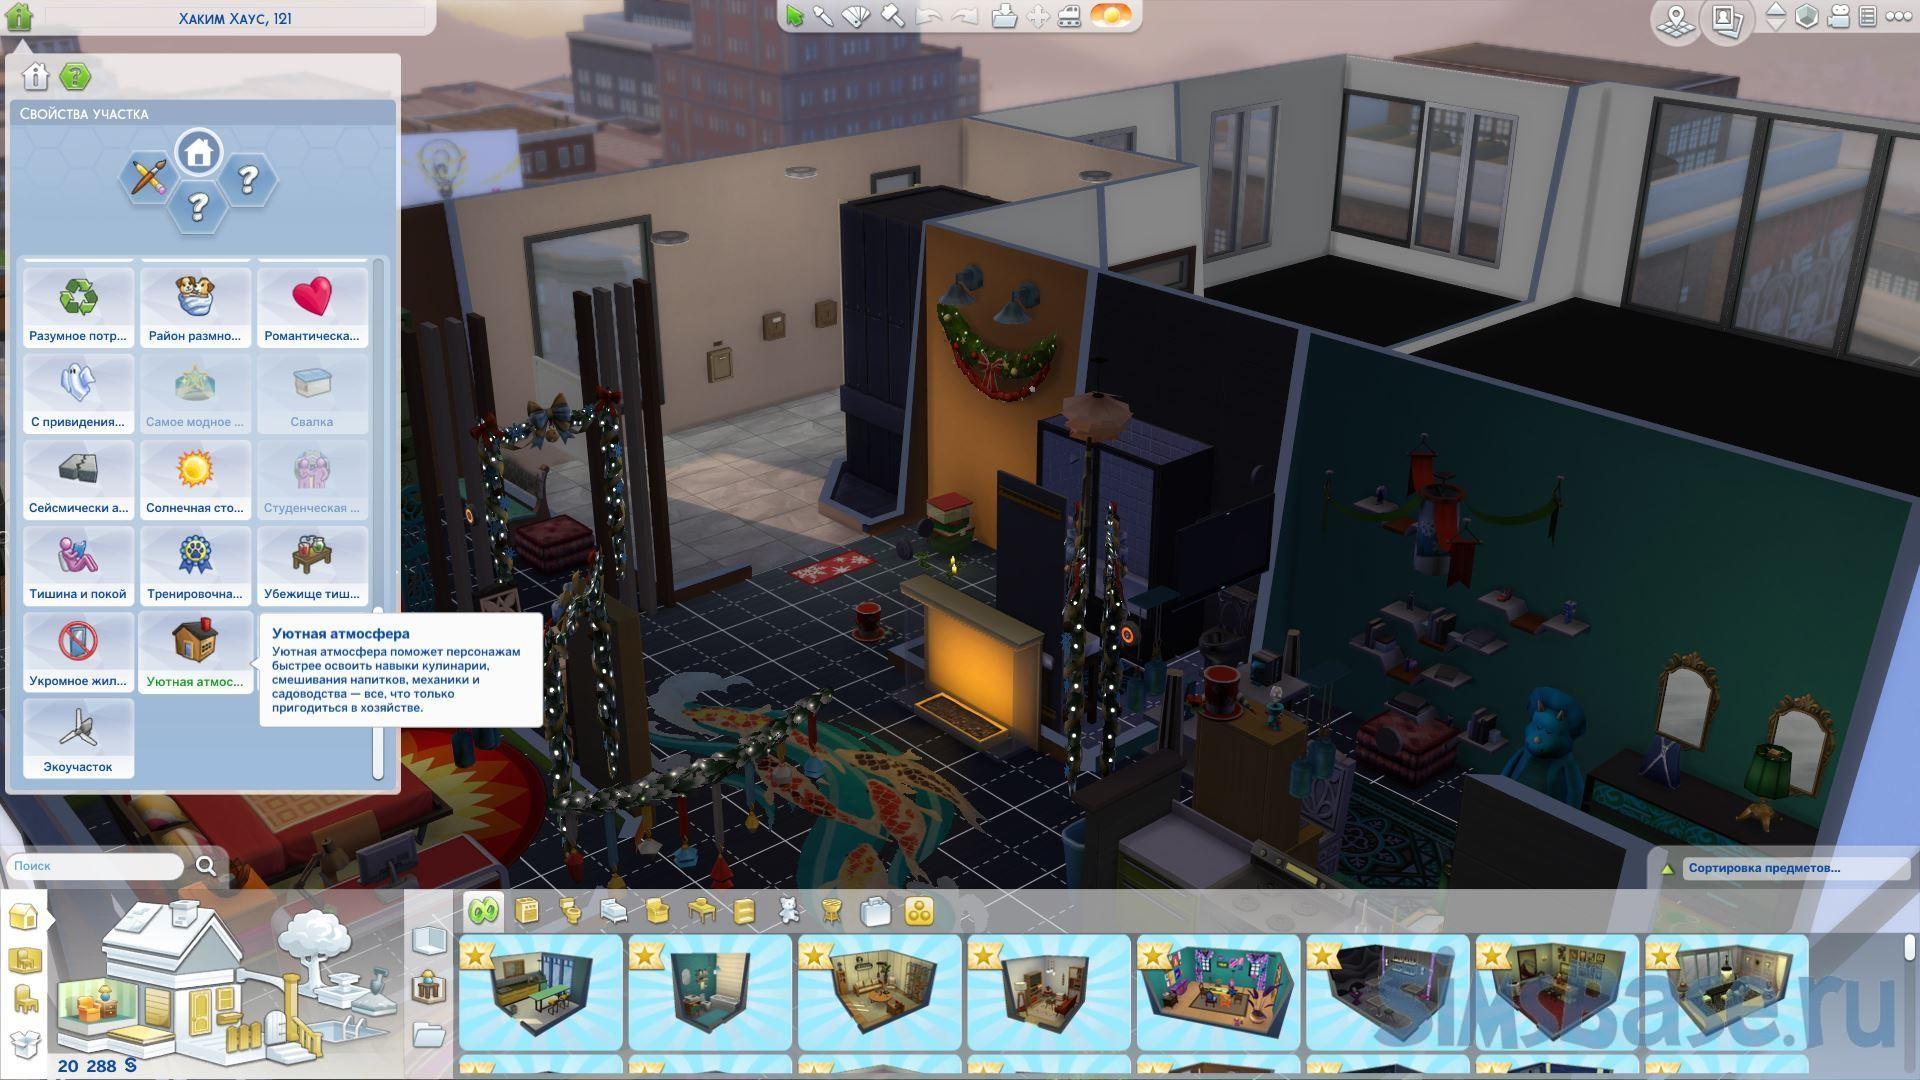 Мод «Улучшение свойства Уютная атмосфера» от Mermaidlullaby  для Sims 4